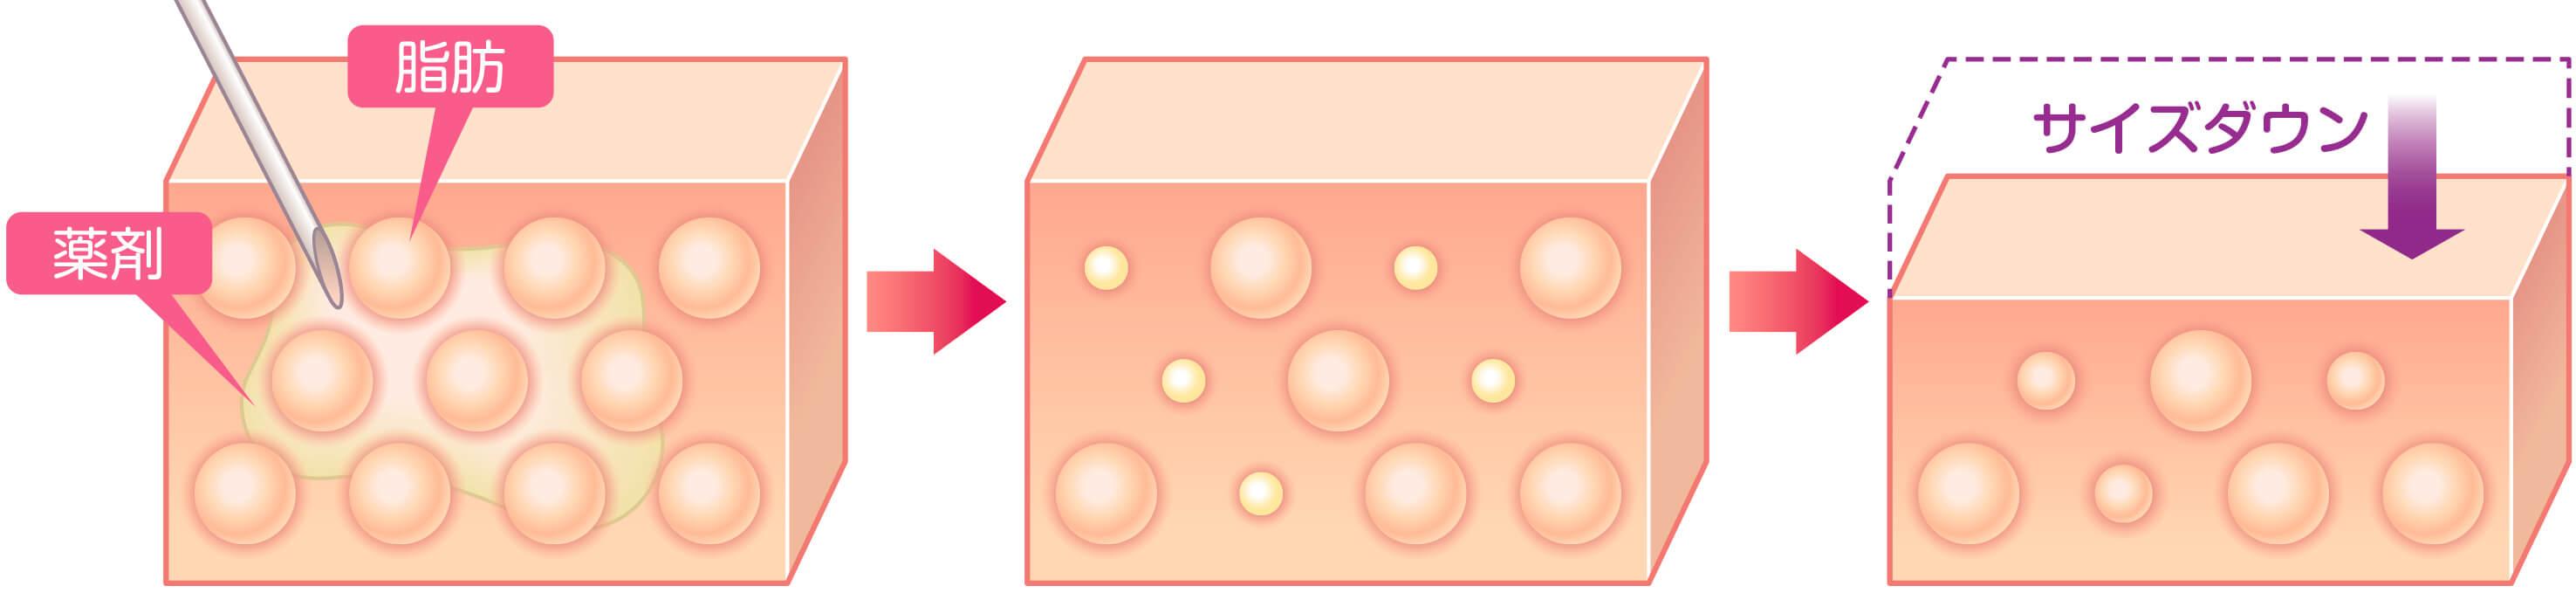 BNLSの脂肪細胞に対する作用イラスト